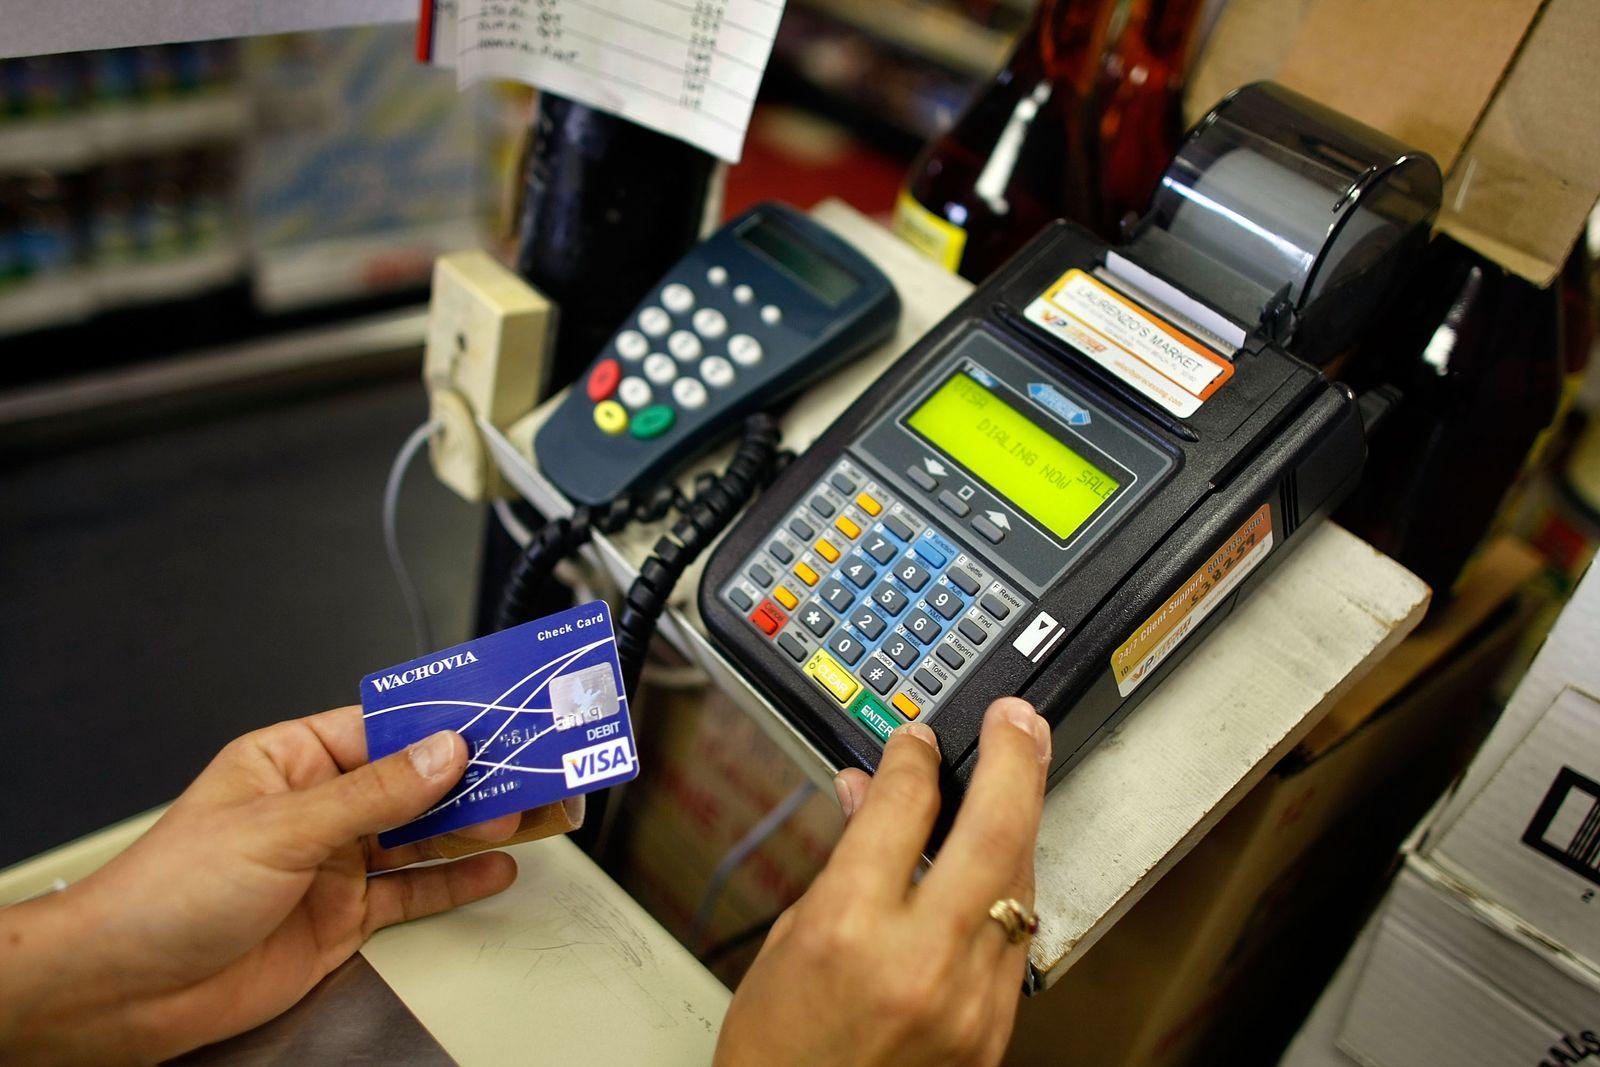 Kreditkartenzahlung/ Kartenzahlung/ USA